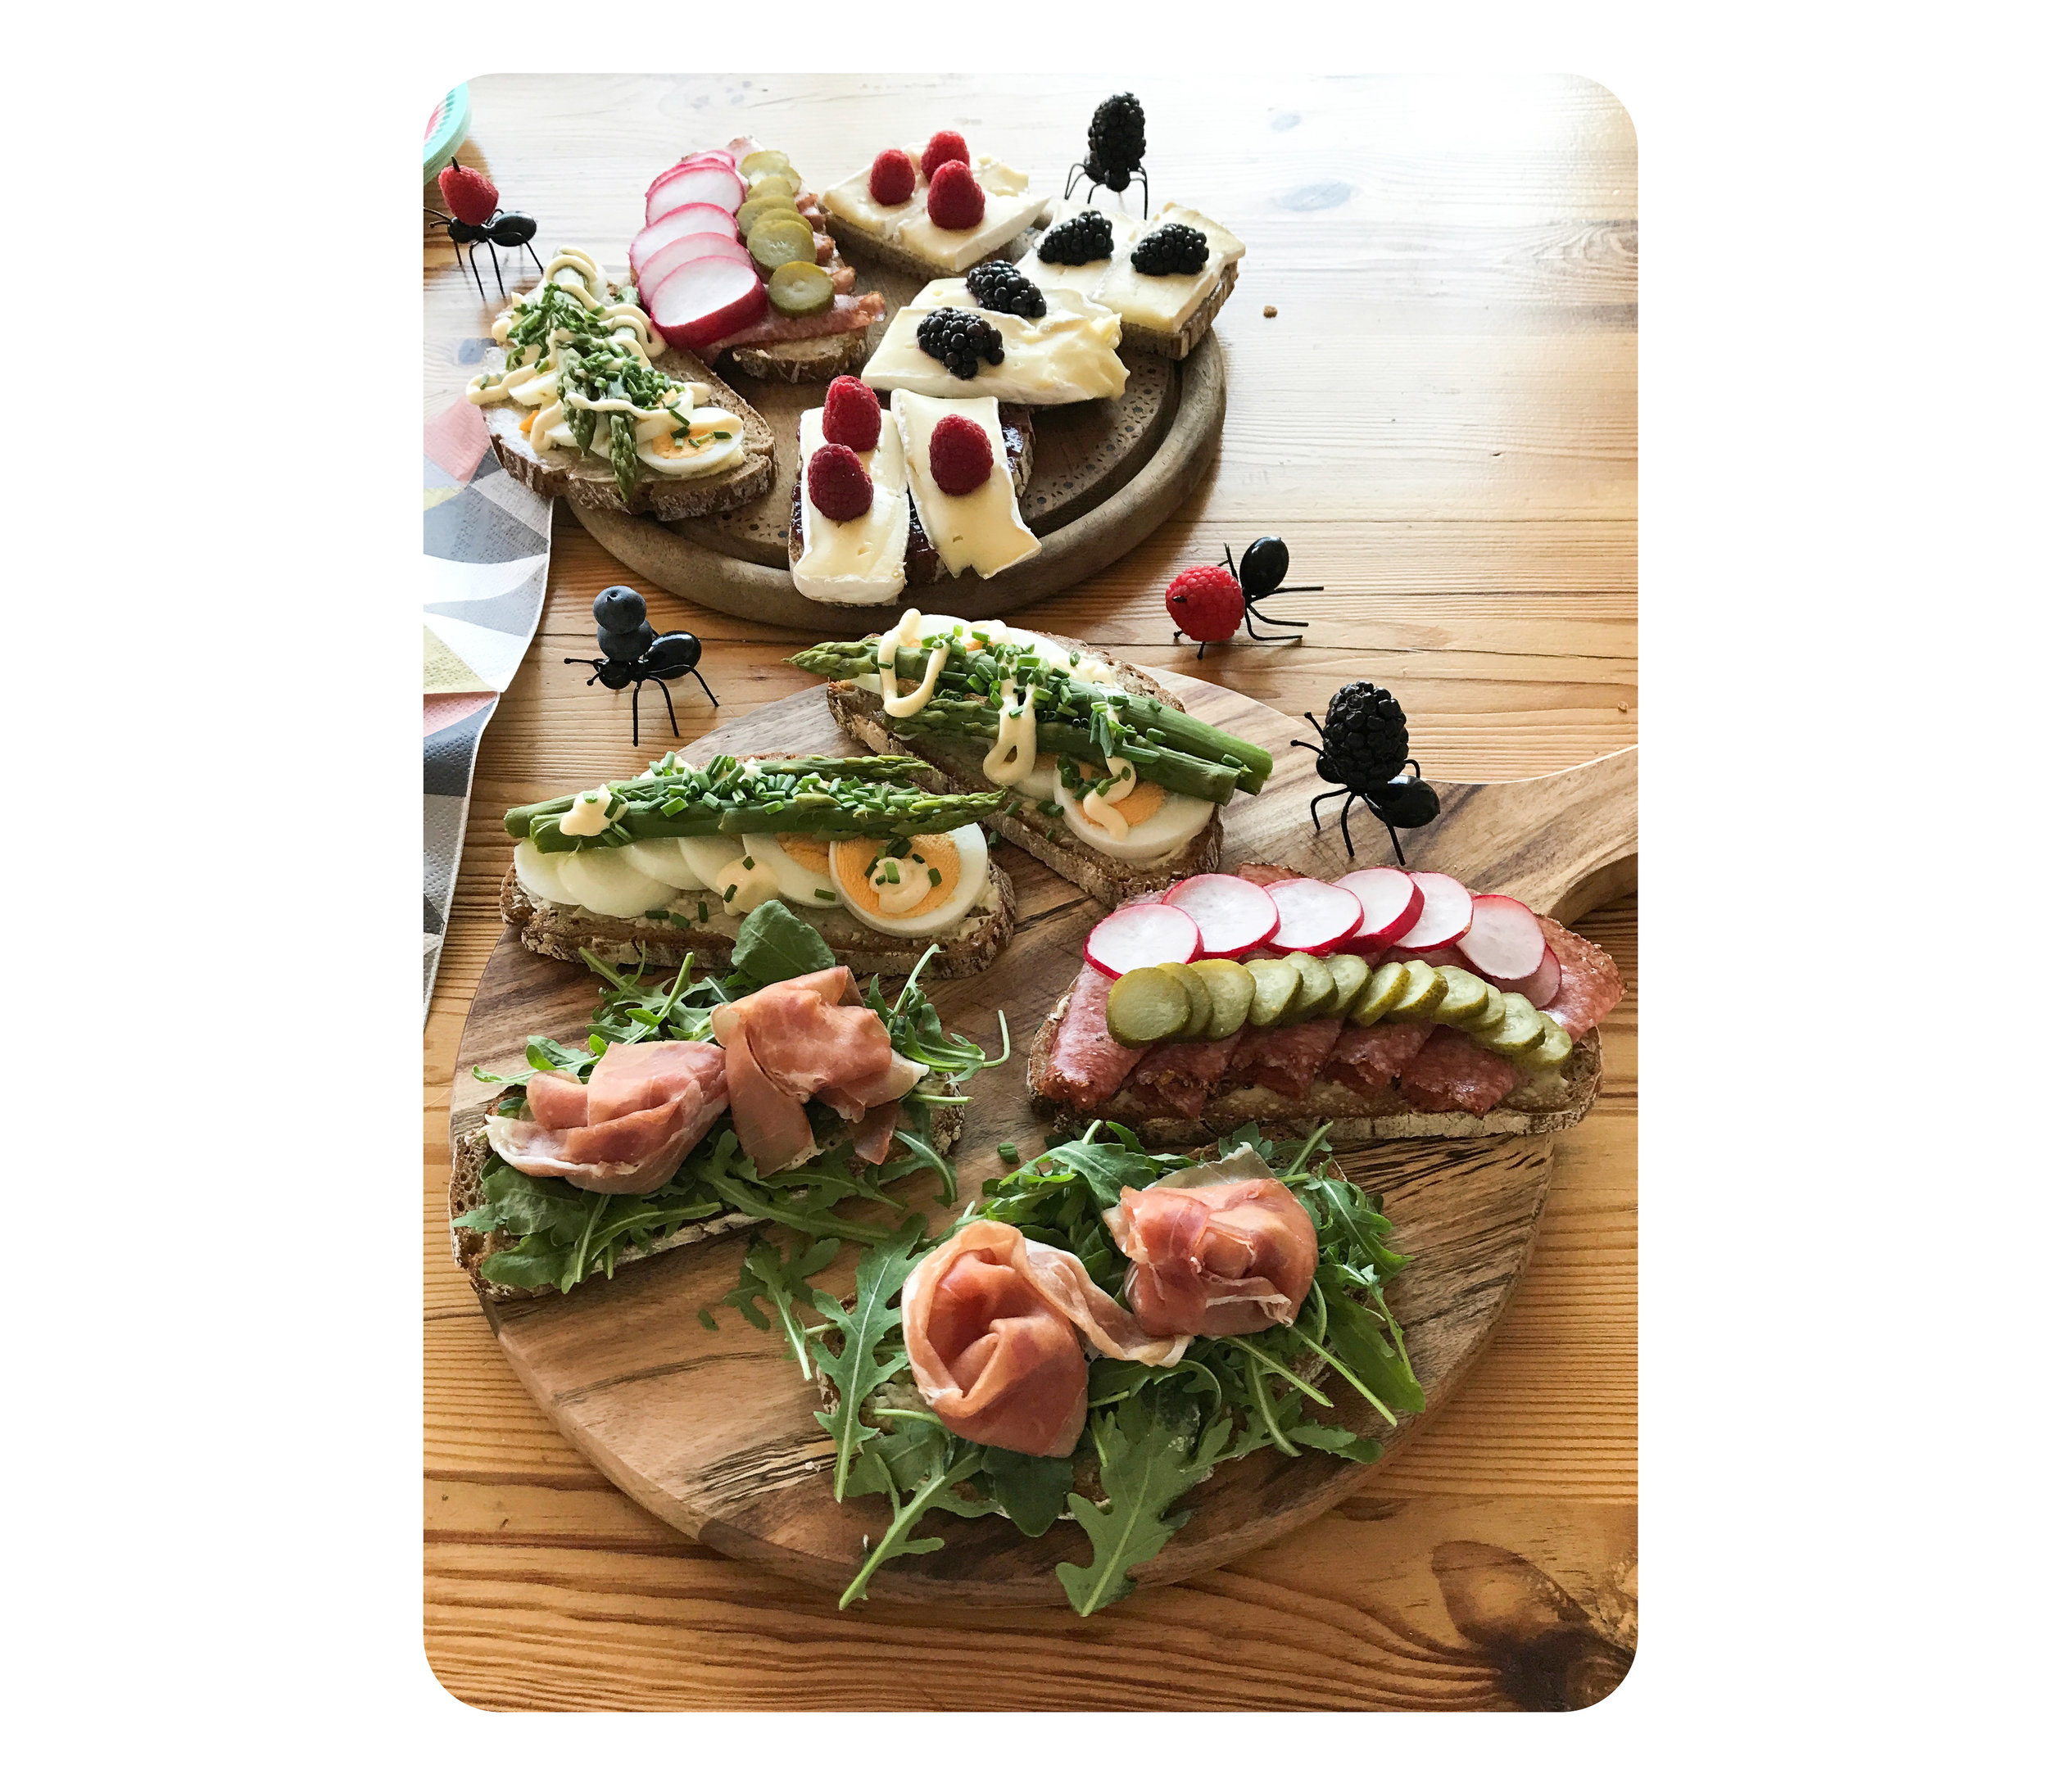 20170616-sandwiches.jpg